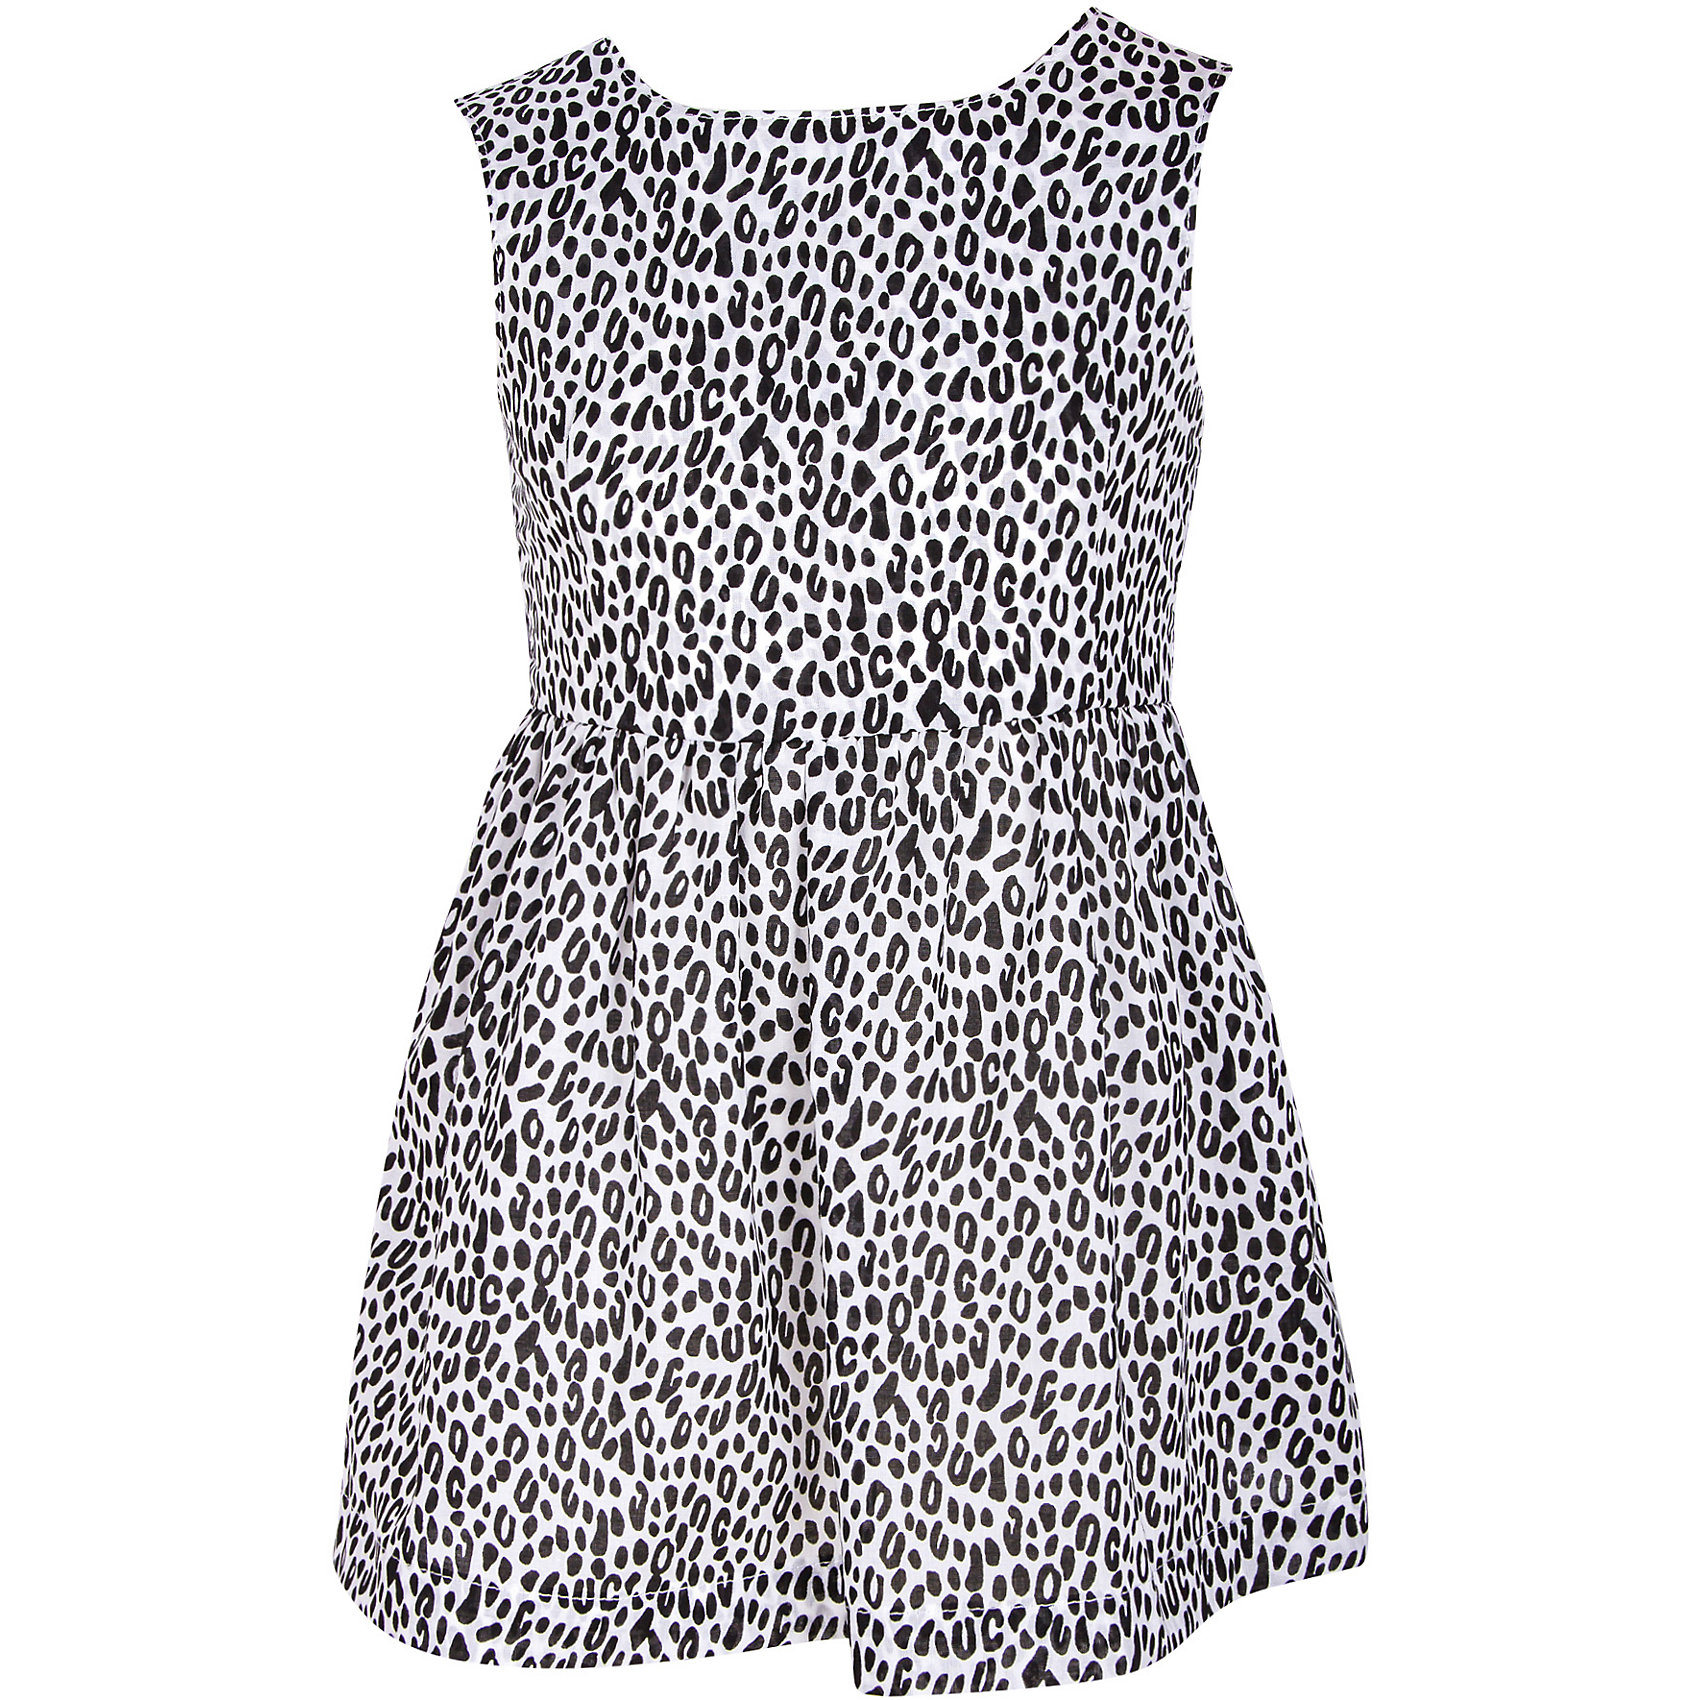 Платье для девочки Bell BimboПлатье для девочки от марки Bell Bimbo.<br>Спинка платья полуоткрытая, с застежкой на 2 пуговицы, сзади по линии талии вставлена резинка.<br>Состав:<br>поплин 100%хлопок<br><br>Ширина мм: 236<br>Глубина мм: 16<br>Высота мм: 184<br>Вес г: 177<br>Цвет: черный<br>Возраст от месяцев: 72<br>Возраст до месяцев: 84<br>Пол: Женский<br>Возраст: Детский<br>Размер: 122,110,98,134,116,104,128<br>SKU: 4578802